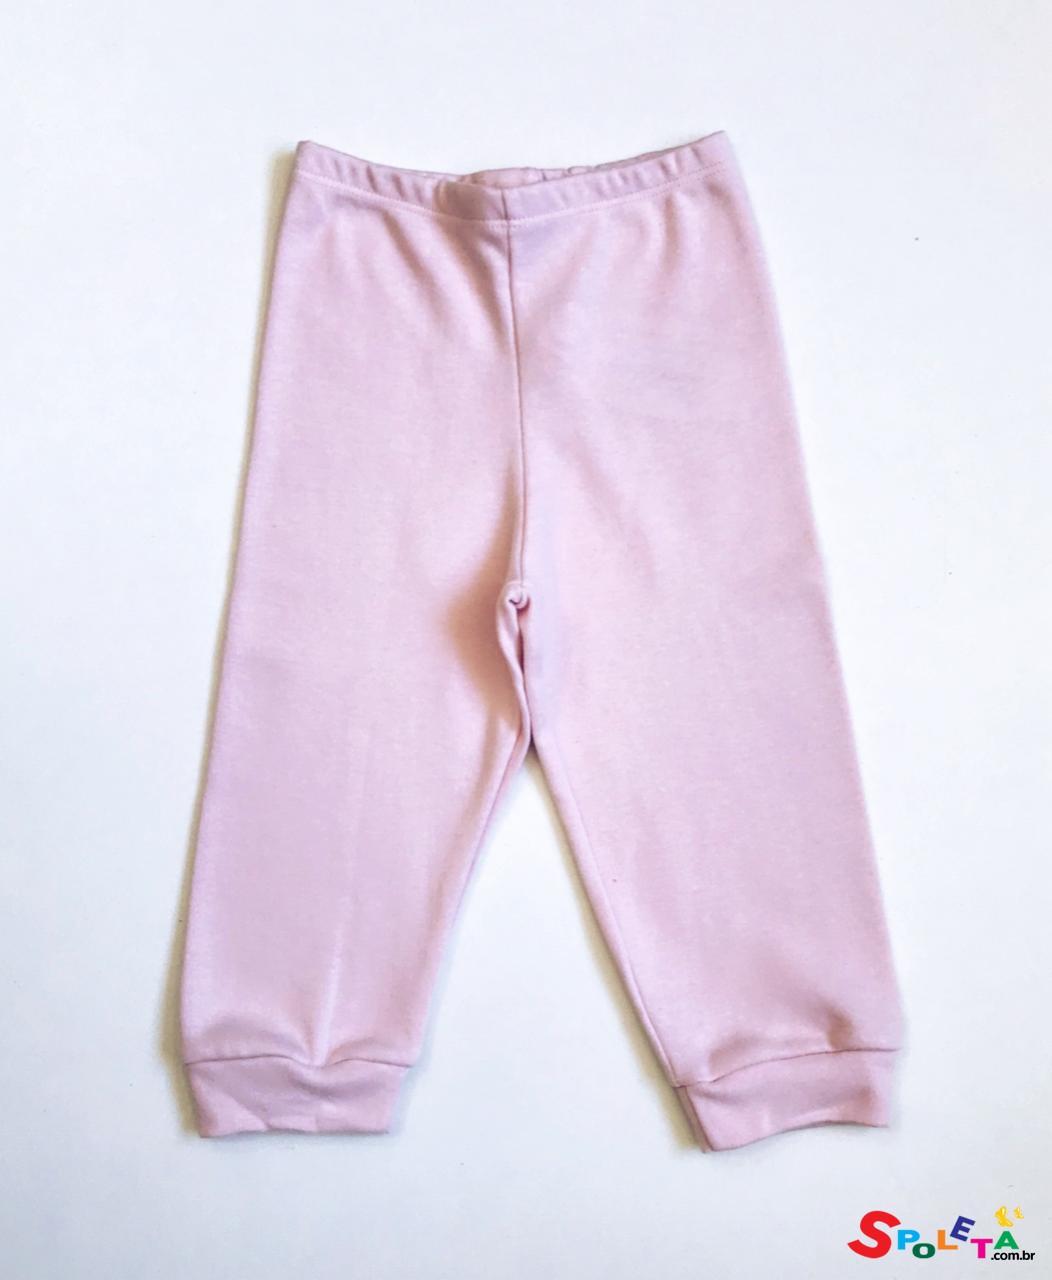 Culote básico rosa